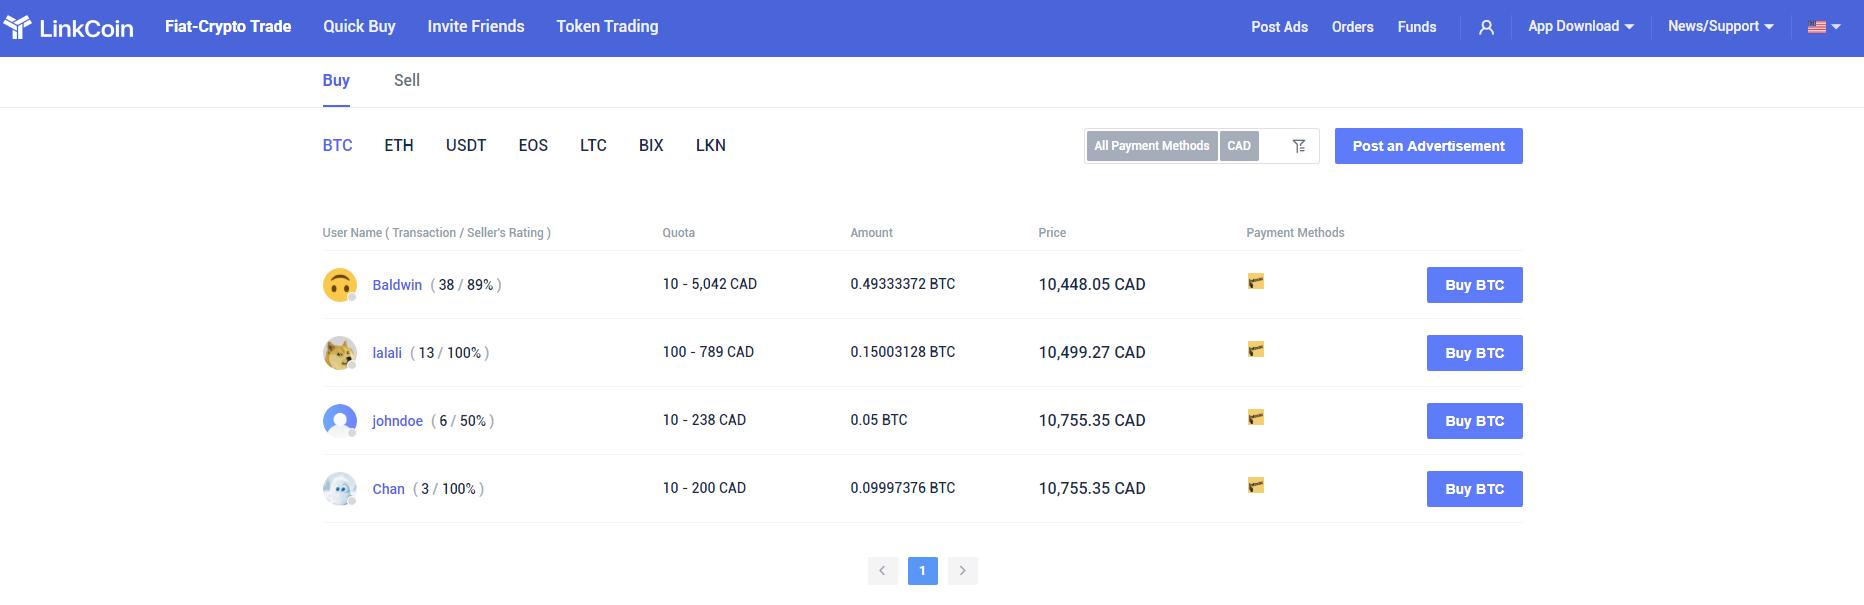 Сайт LinkCoin